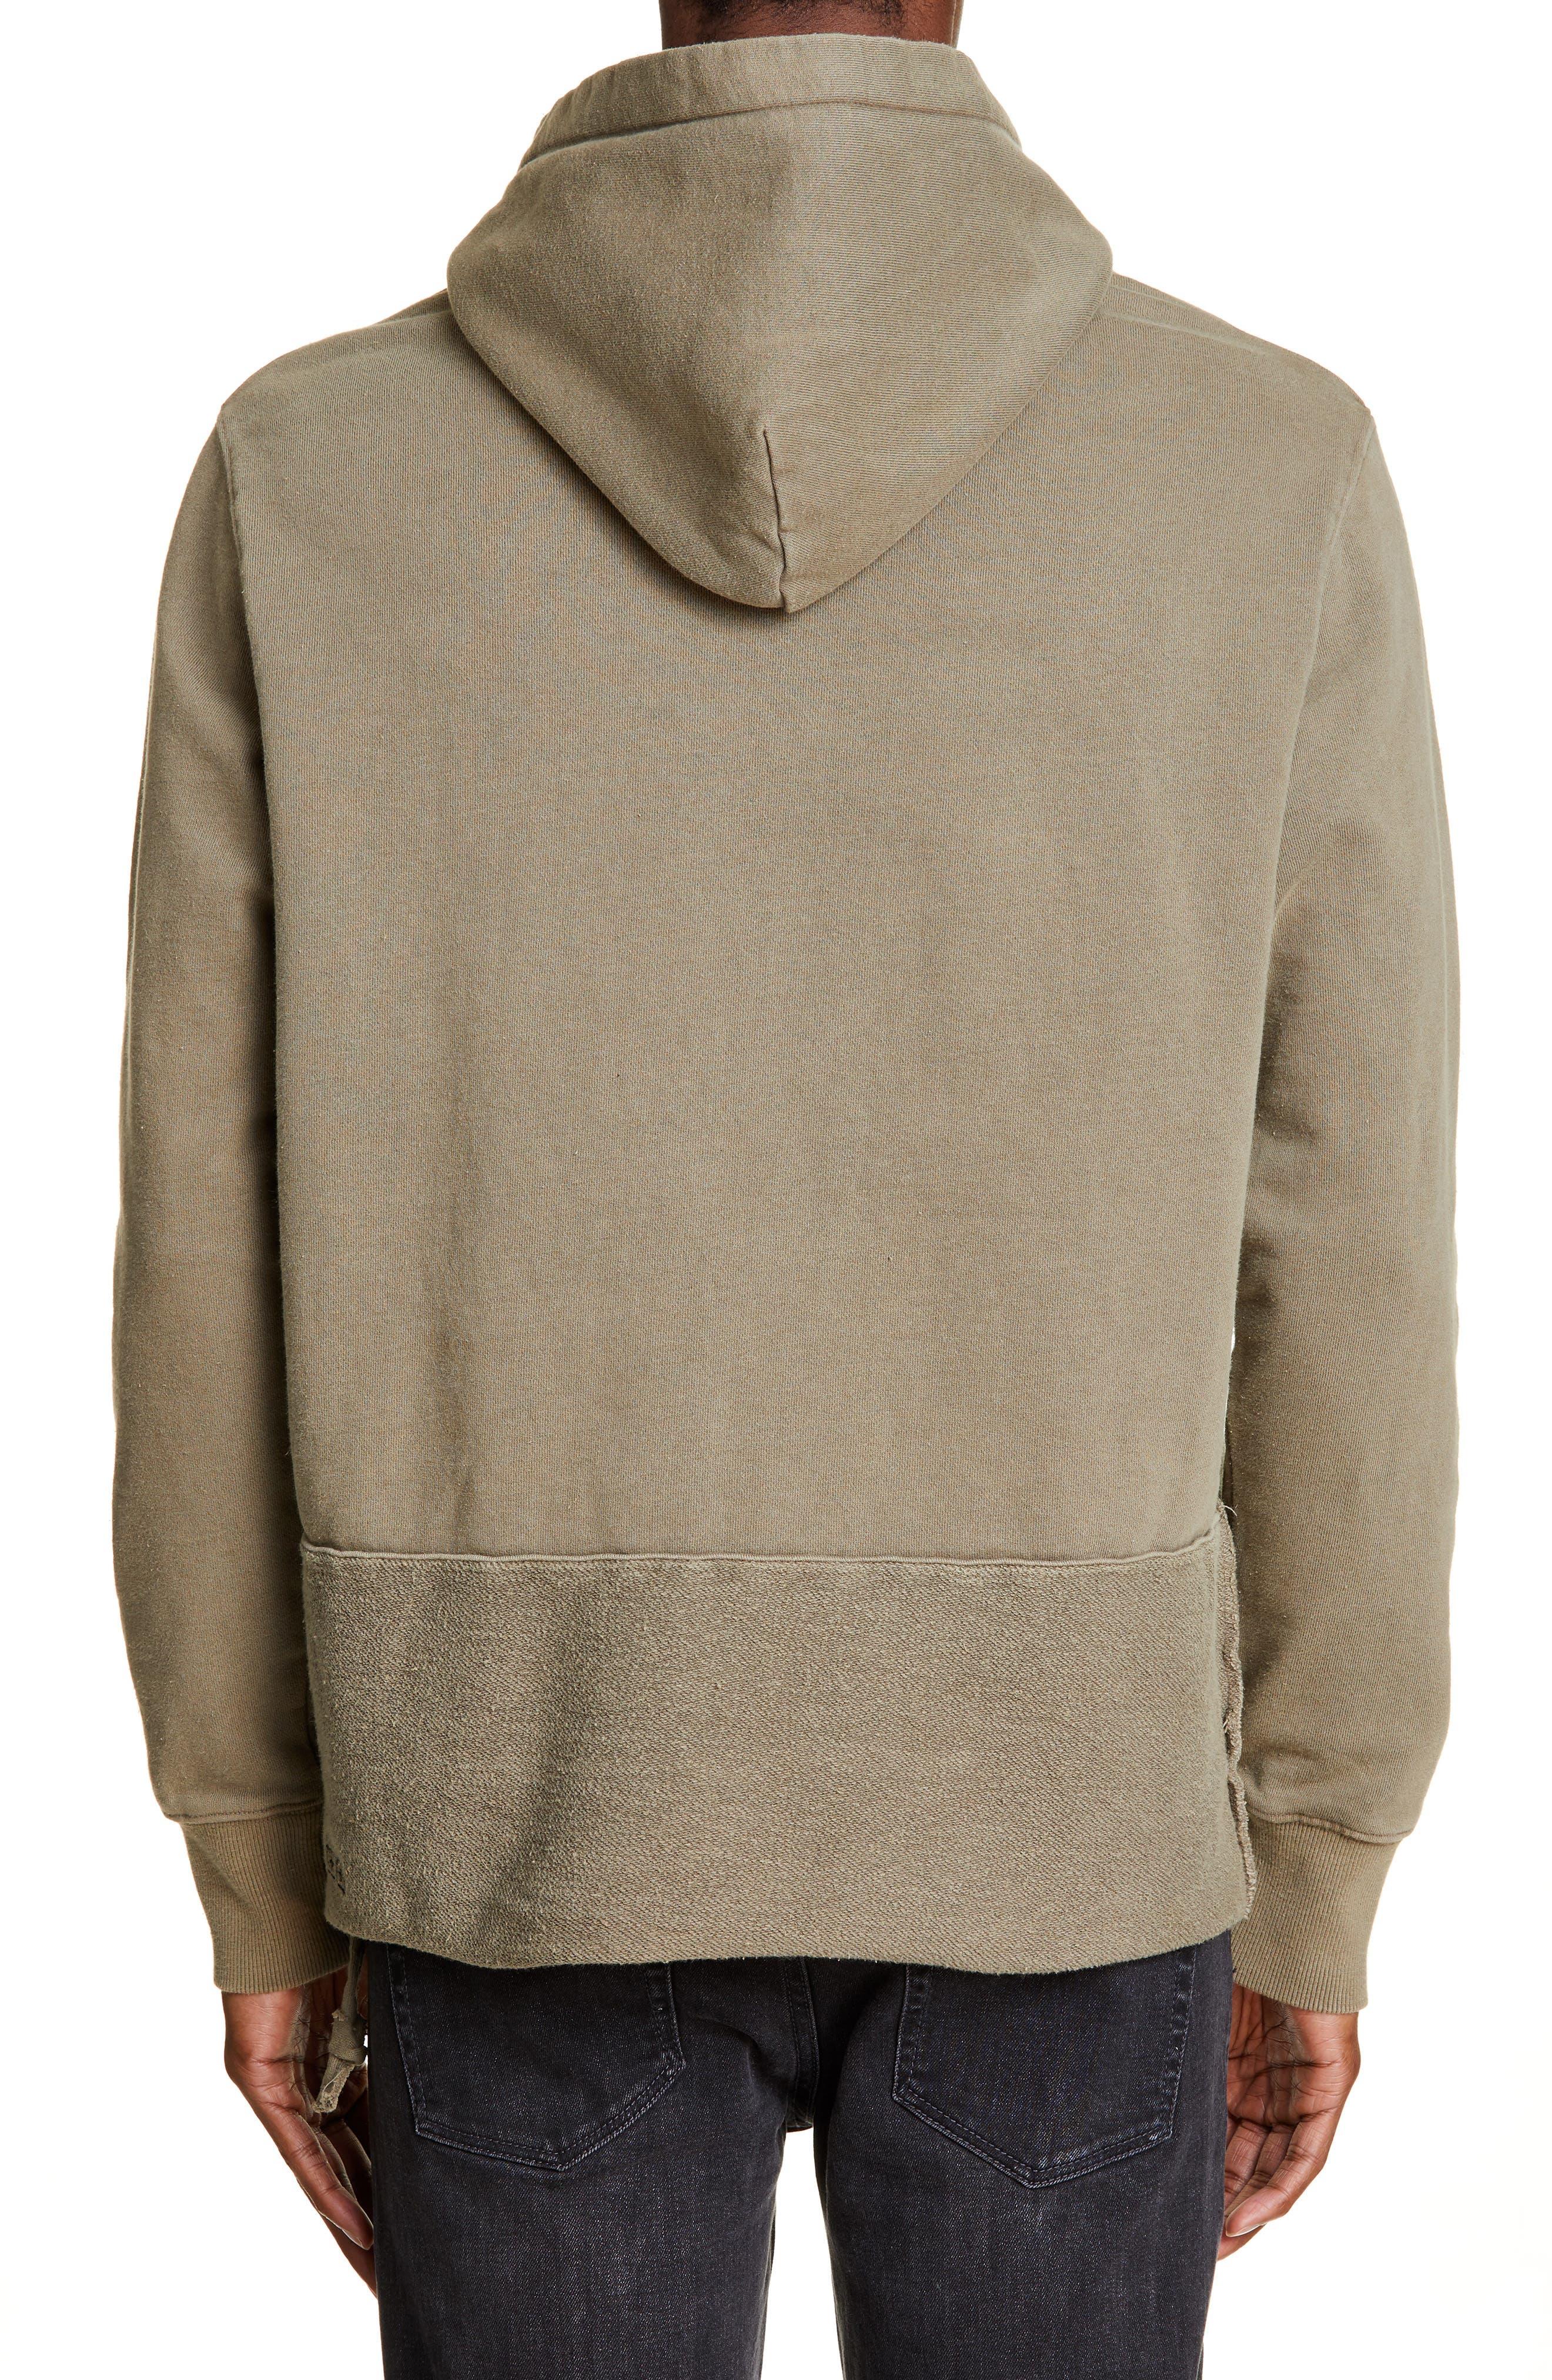 KSUBI, Seeing Lines Hooded Sweatshirt, Alternate thumbnail 2, color, BEIGE